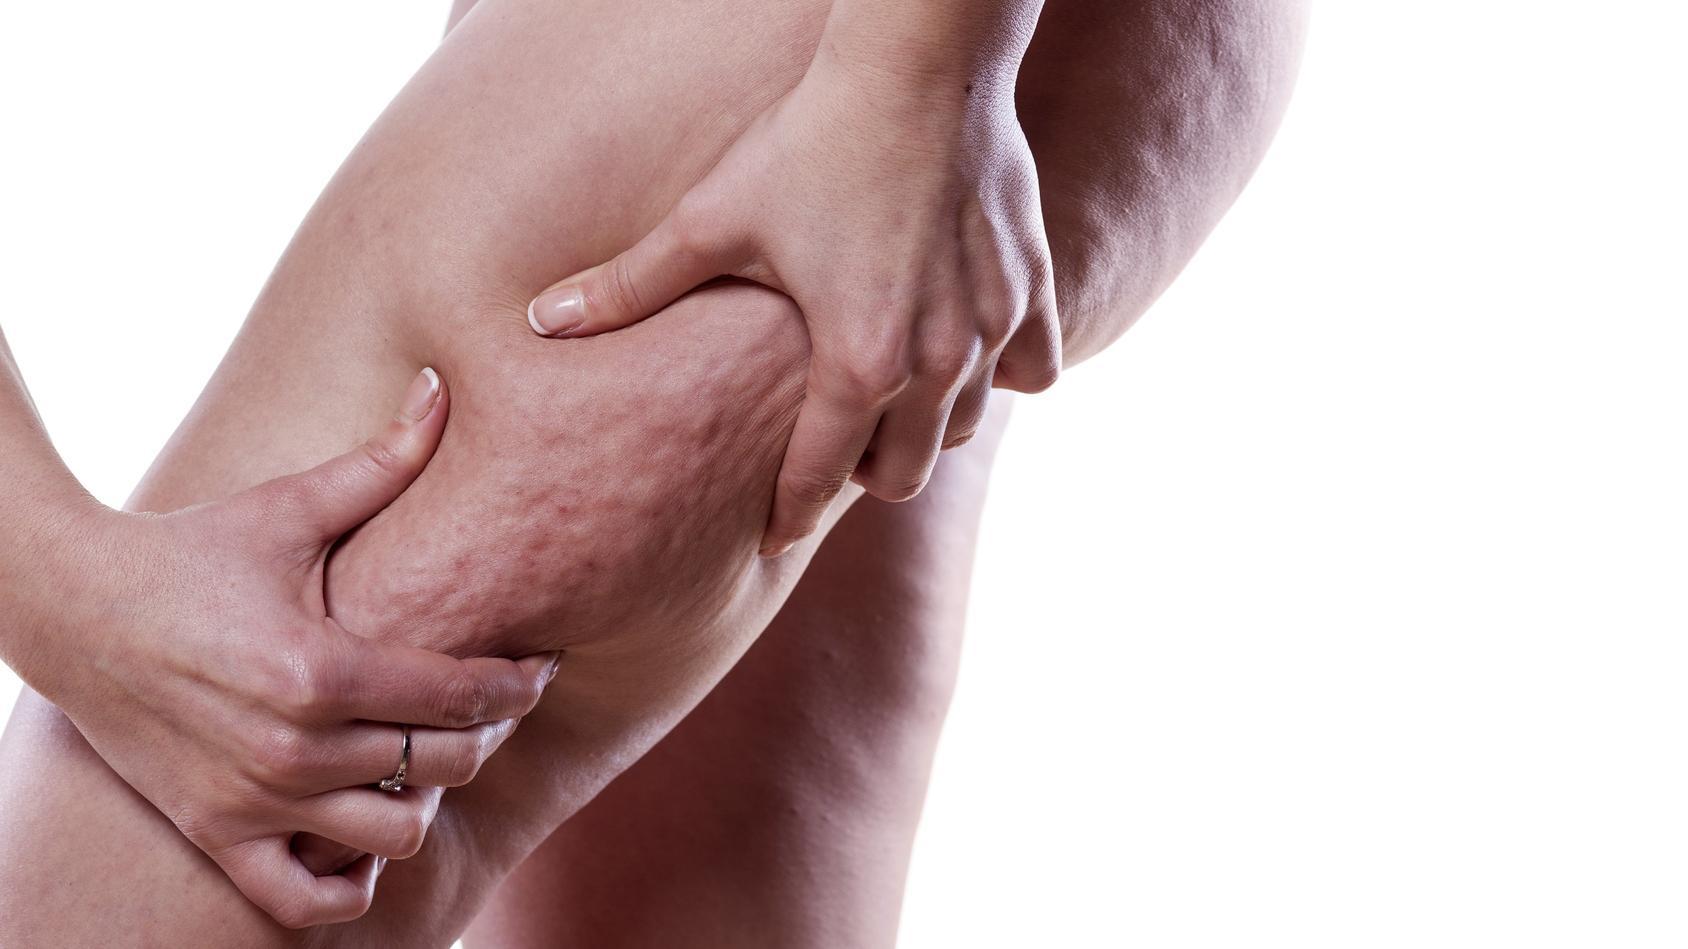 striák súlygyarapodás vagy fogyás nla zsírégető vélemények